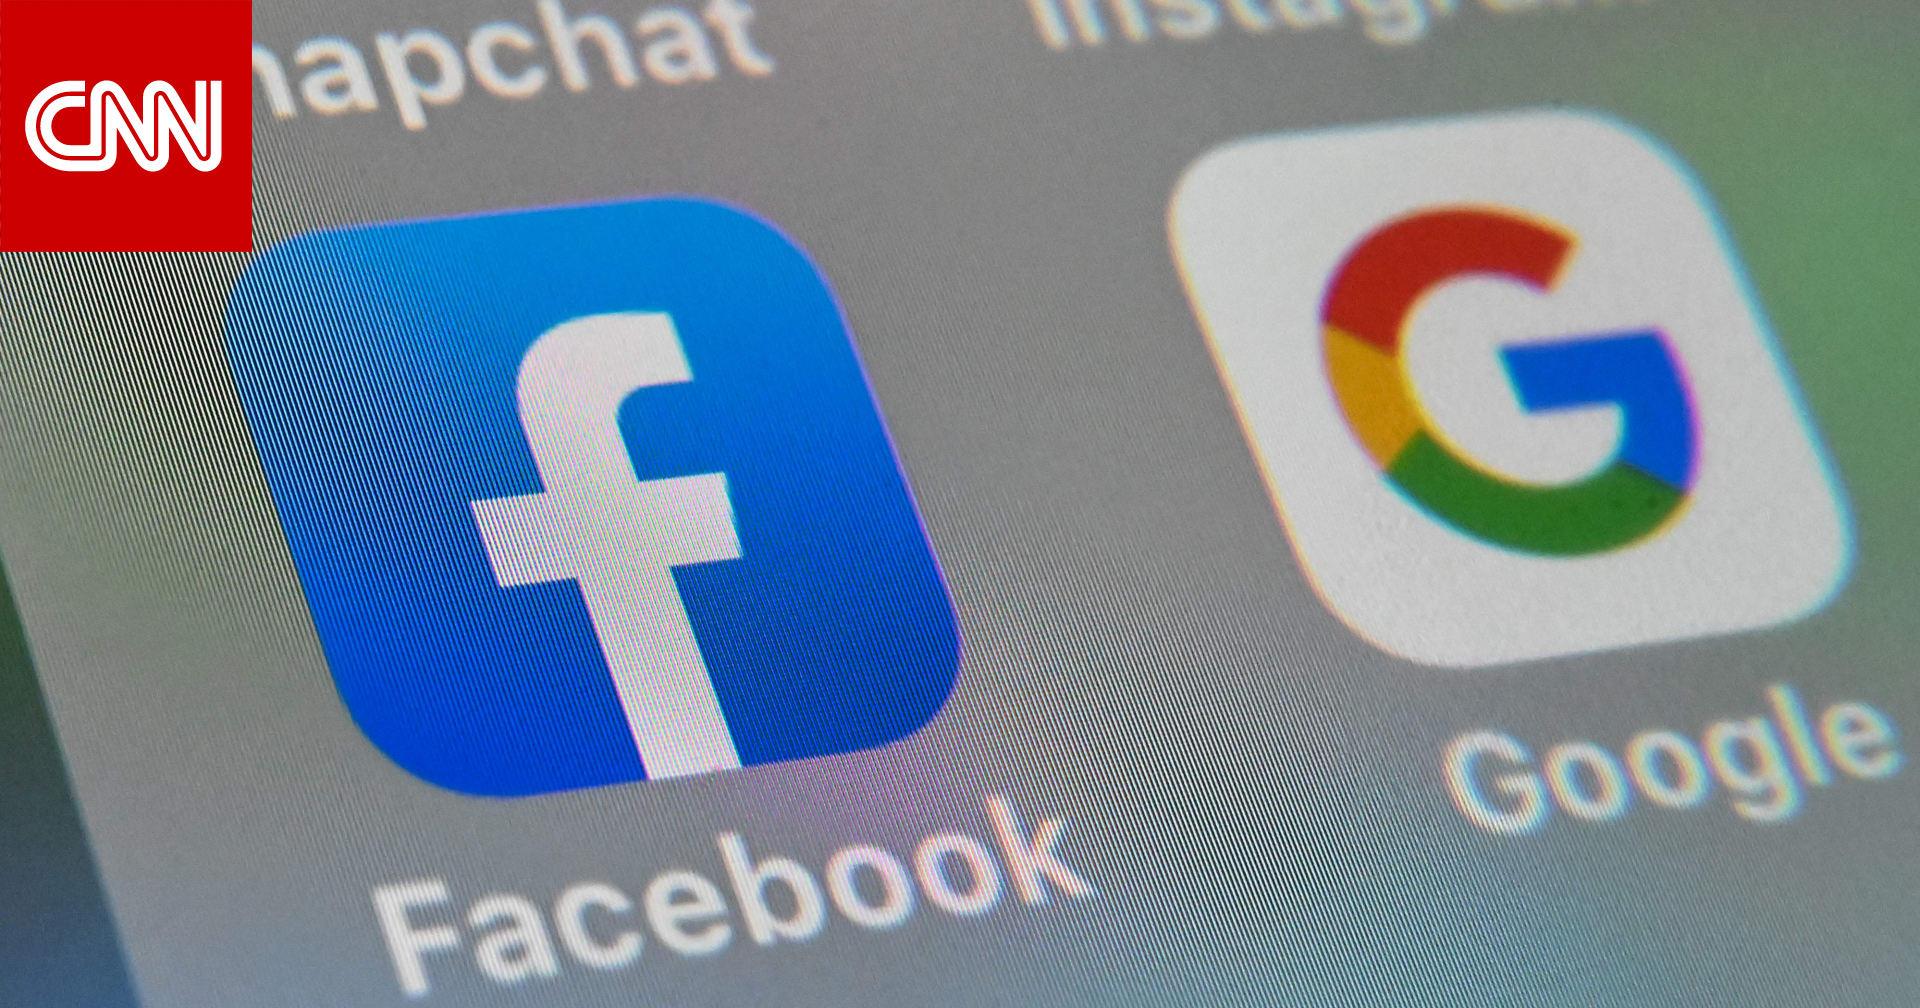 """فيسبوك توقع صفقة مع """"نيوز كورب أستراليا"""" لنشر الأخبار على منصتها"""